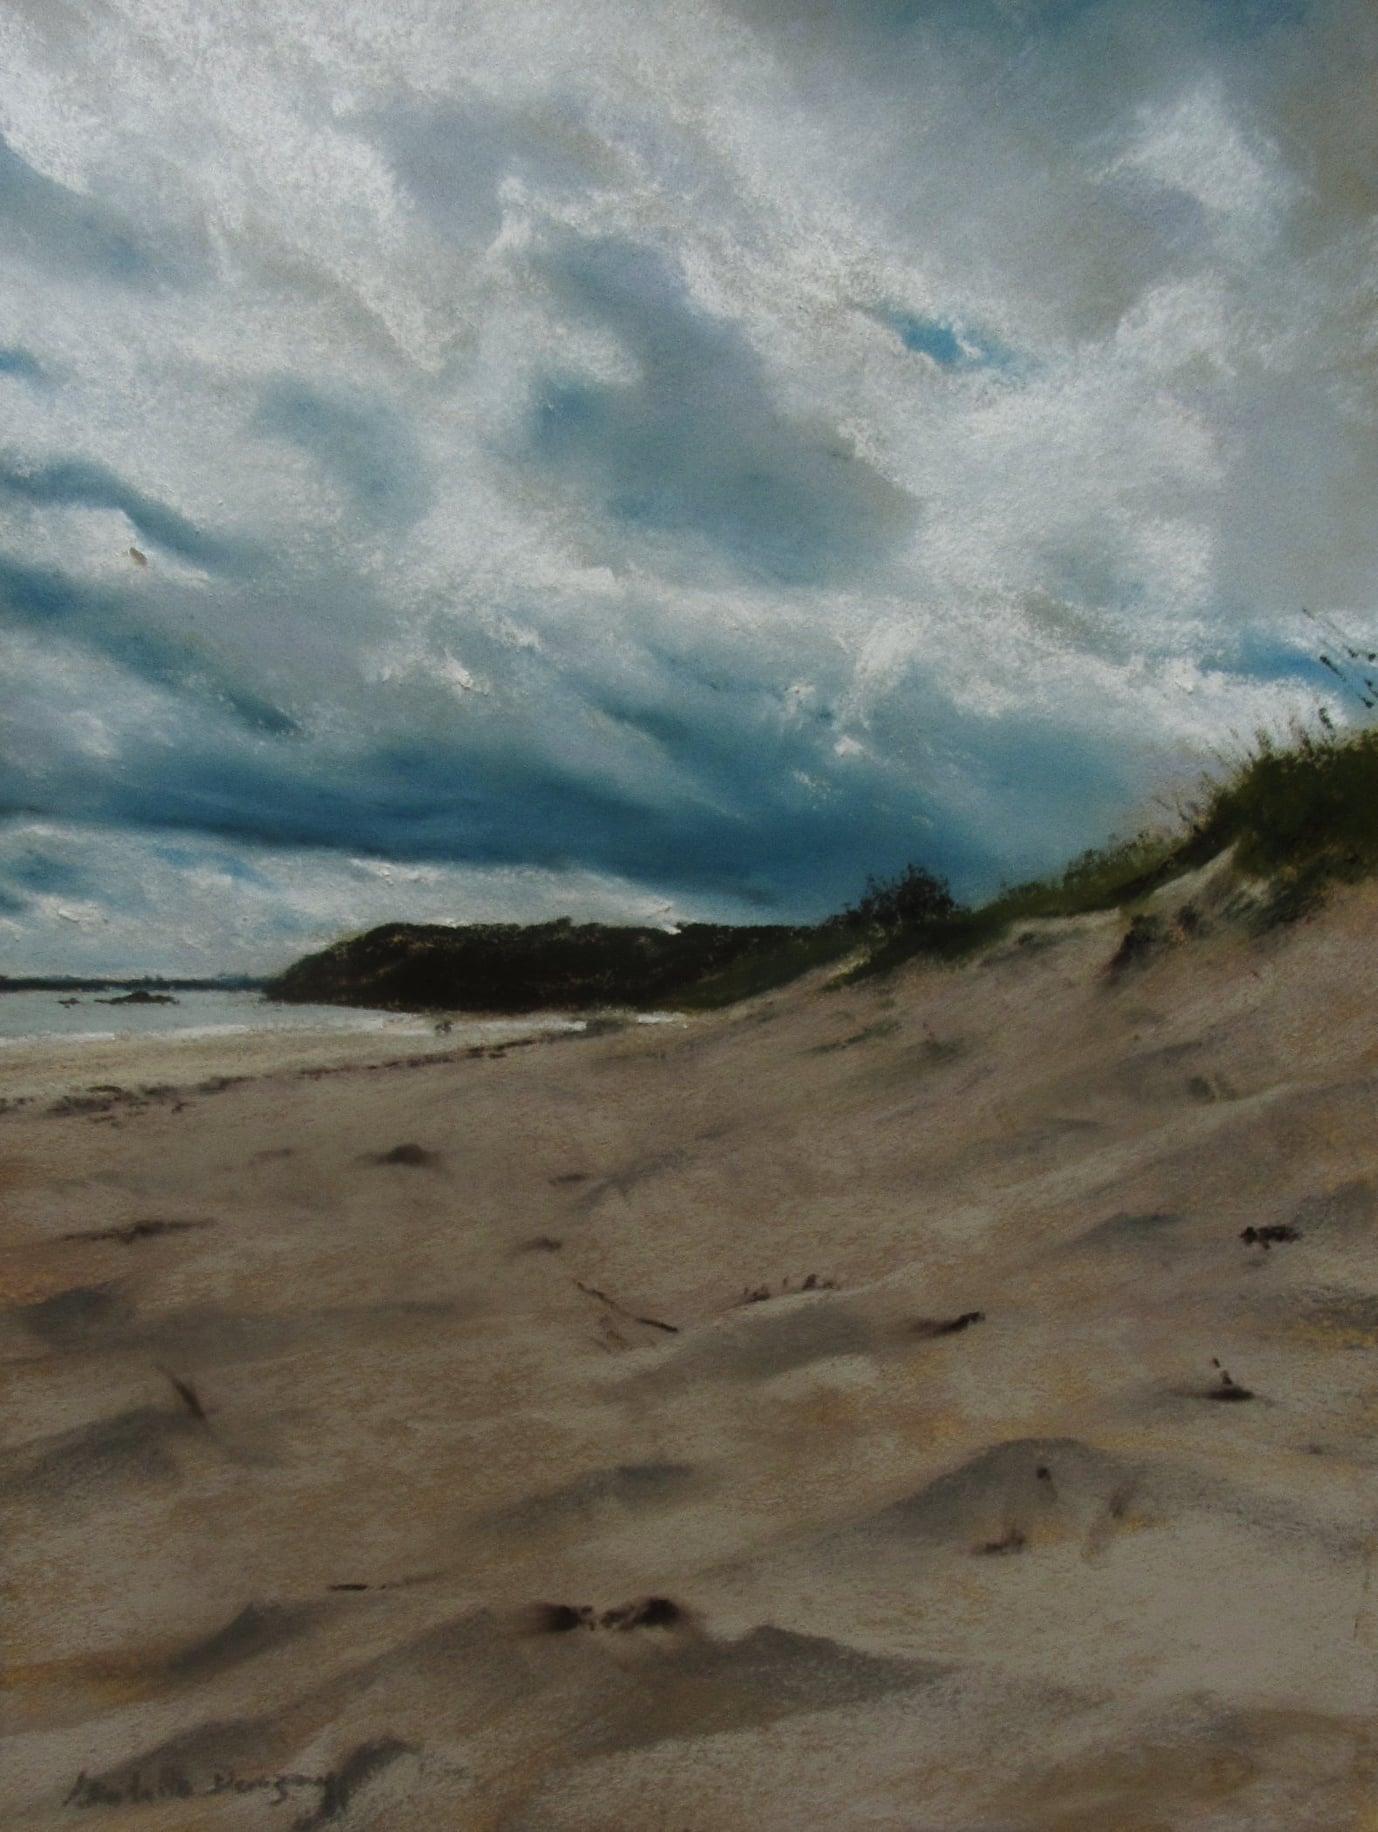 Atmosphère à la plage de Pen Guen à Saint-Cast-Le-Guildo - Peinture au pastel sec par l'artiste peintre Isabelle Douzamy - 40x50 cm (encadré)